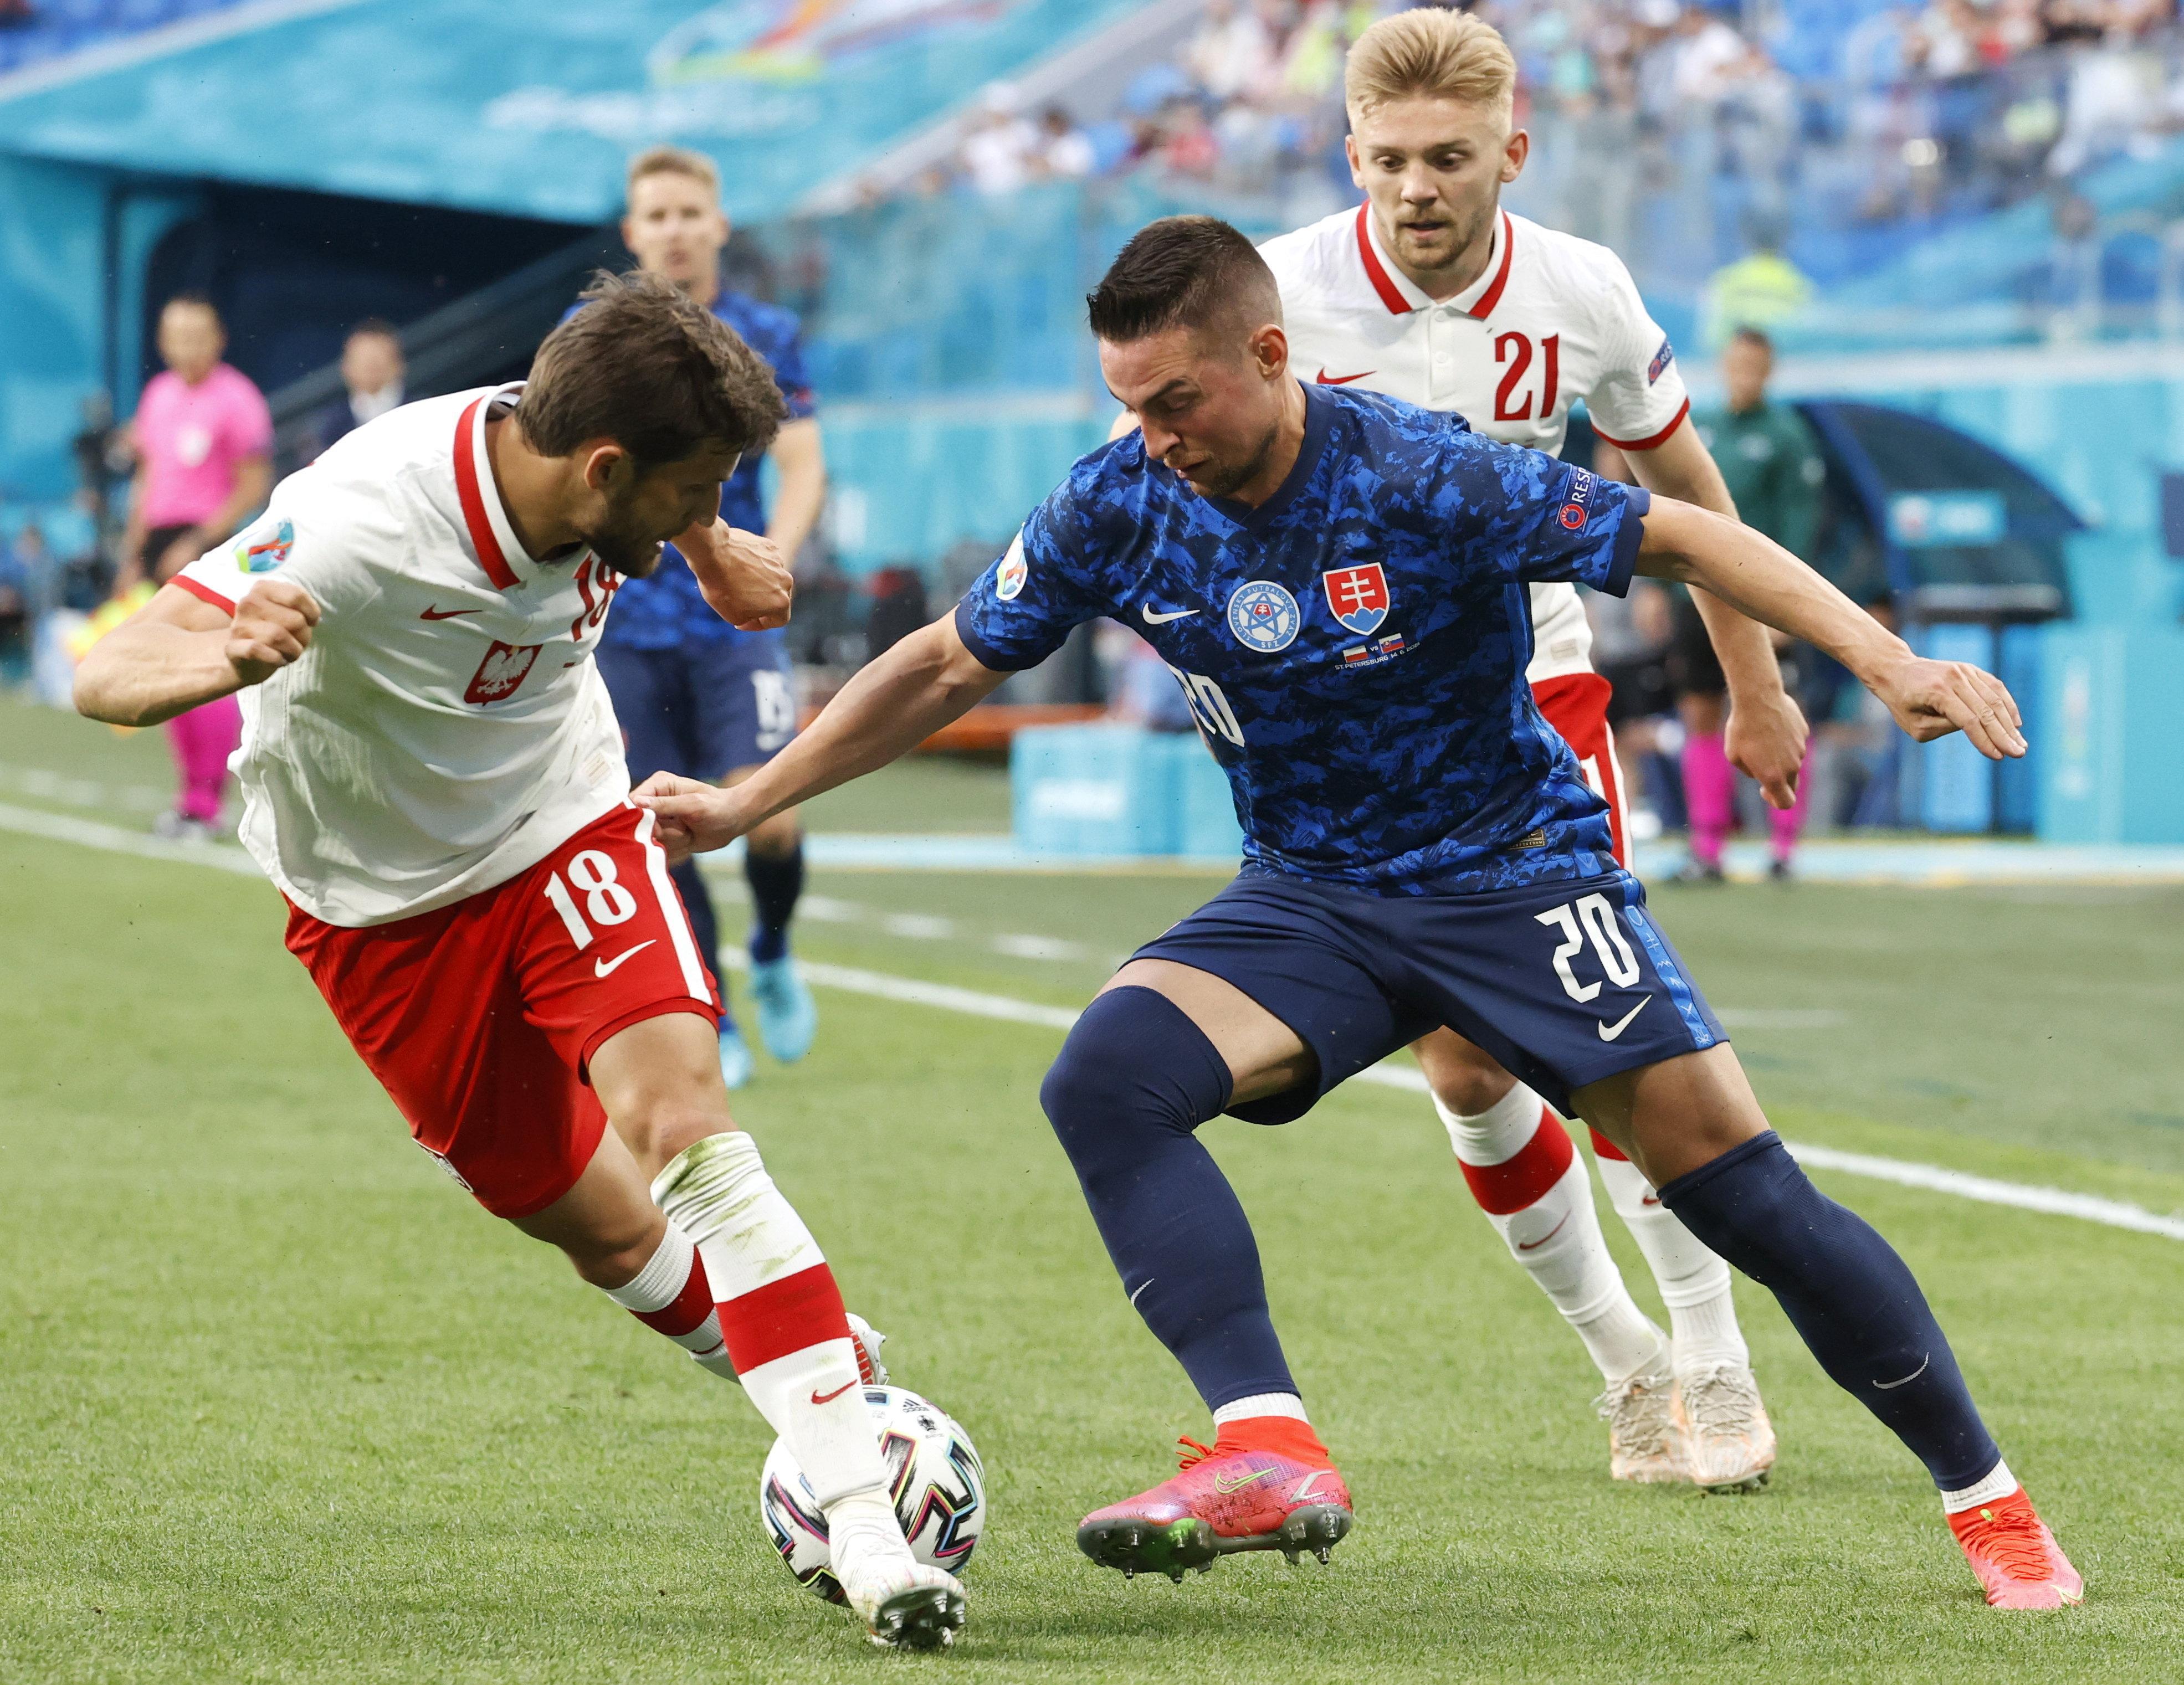 Lengyelországban, a Rakow Częstochowa otthonában lép pályára a Vidi szeptember 3-án